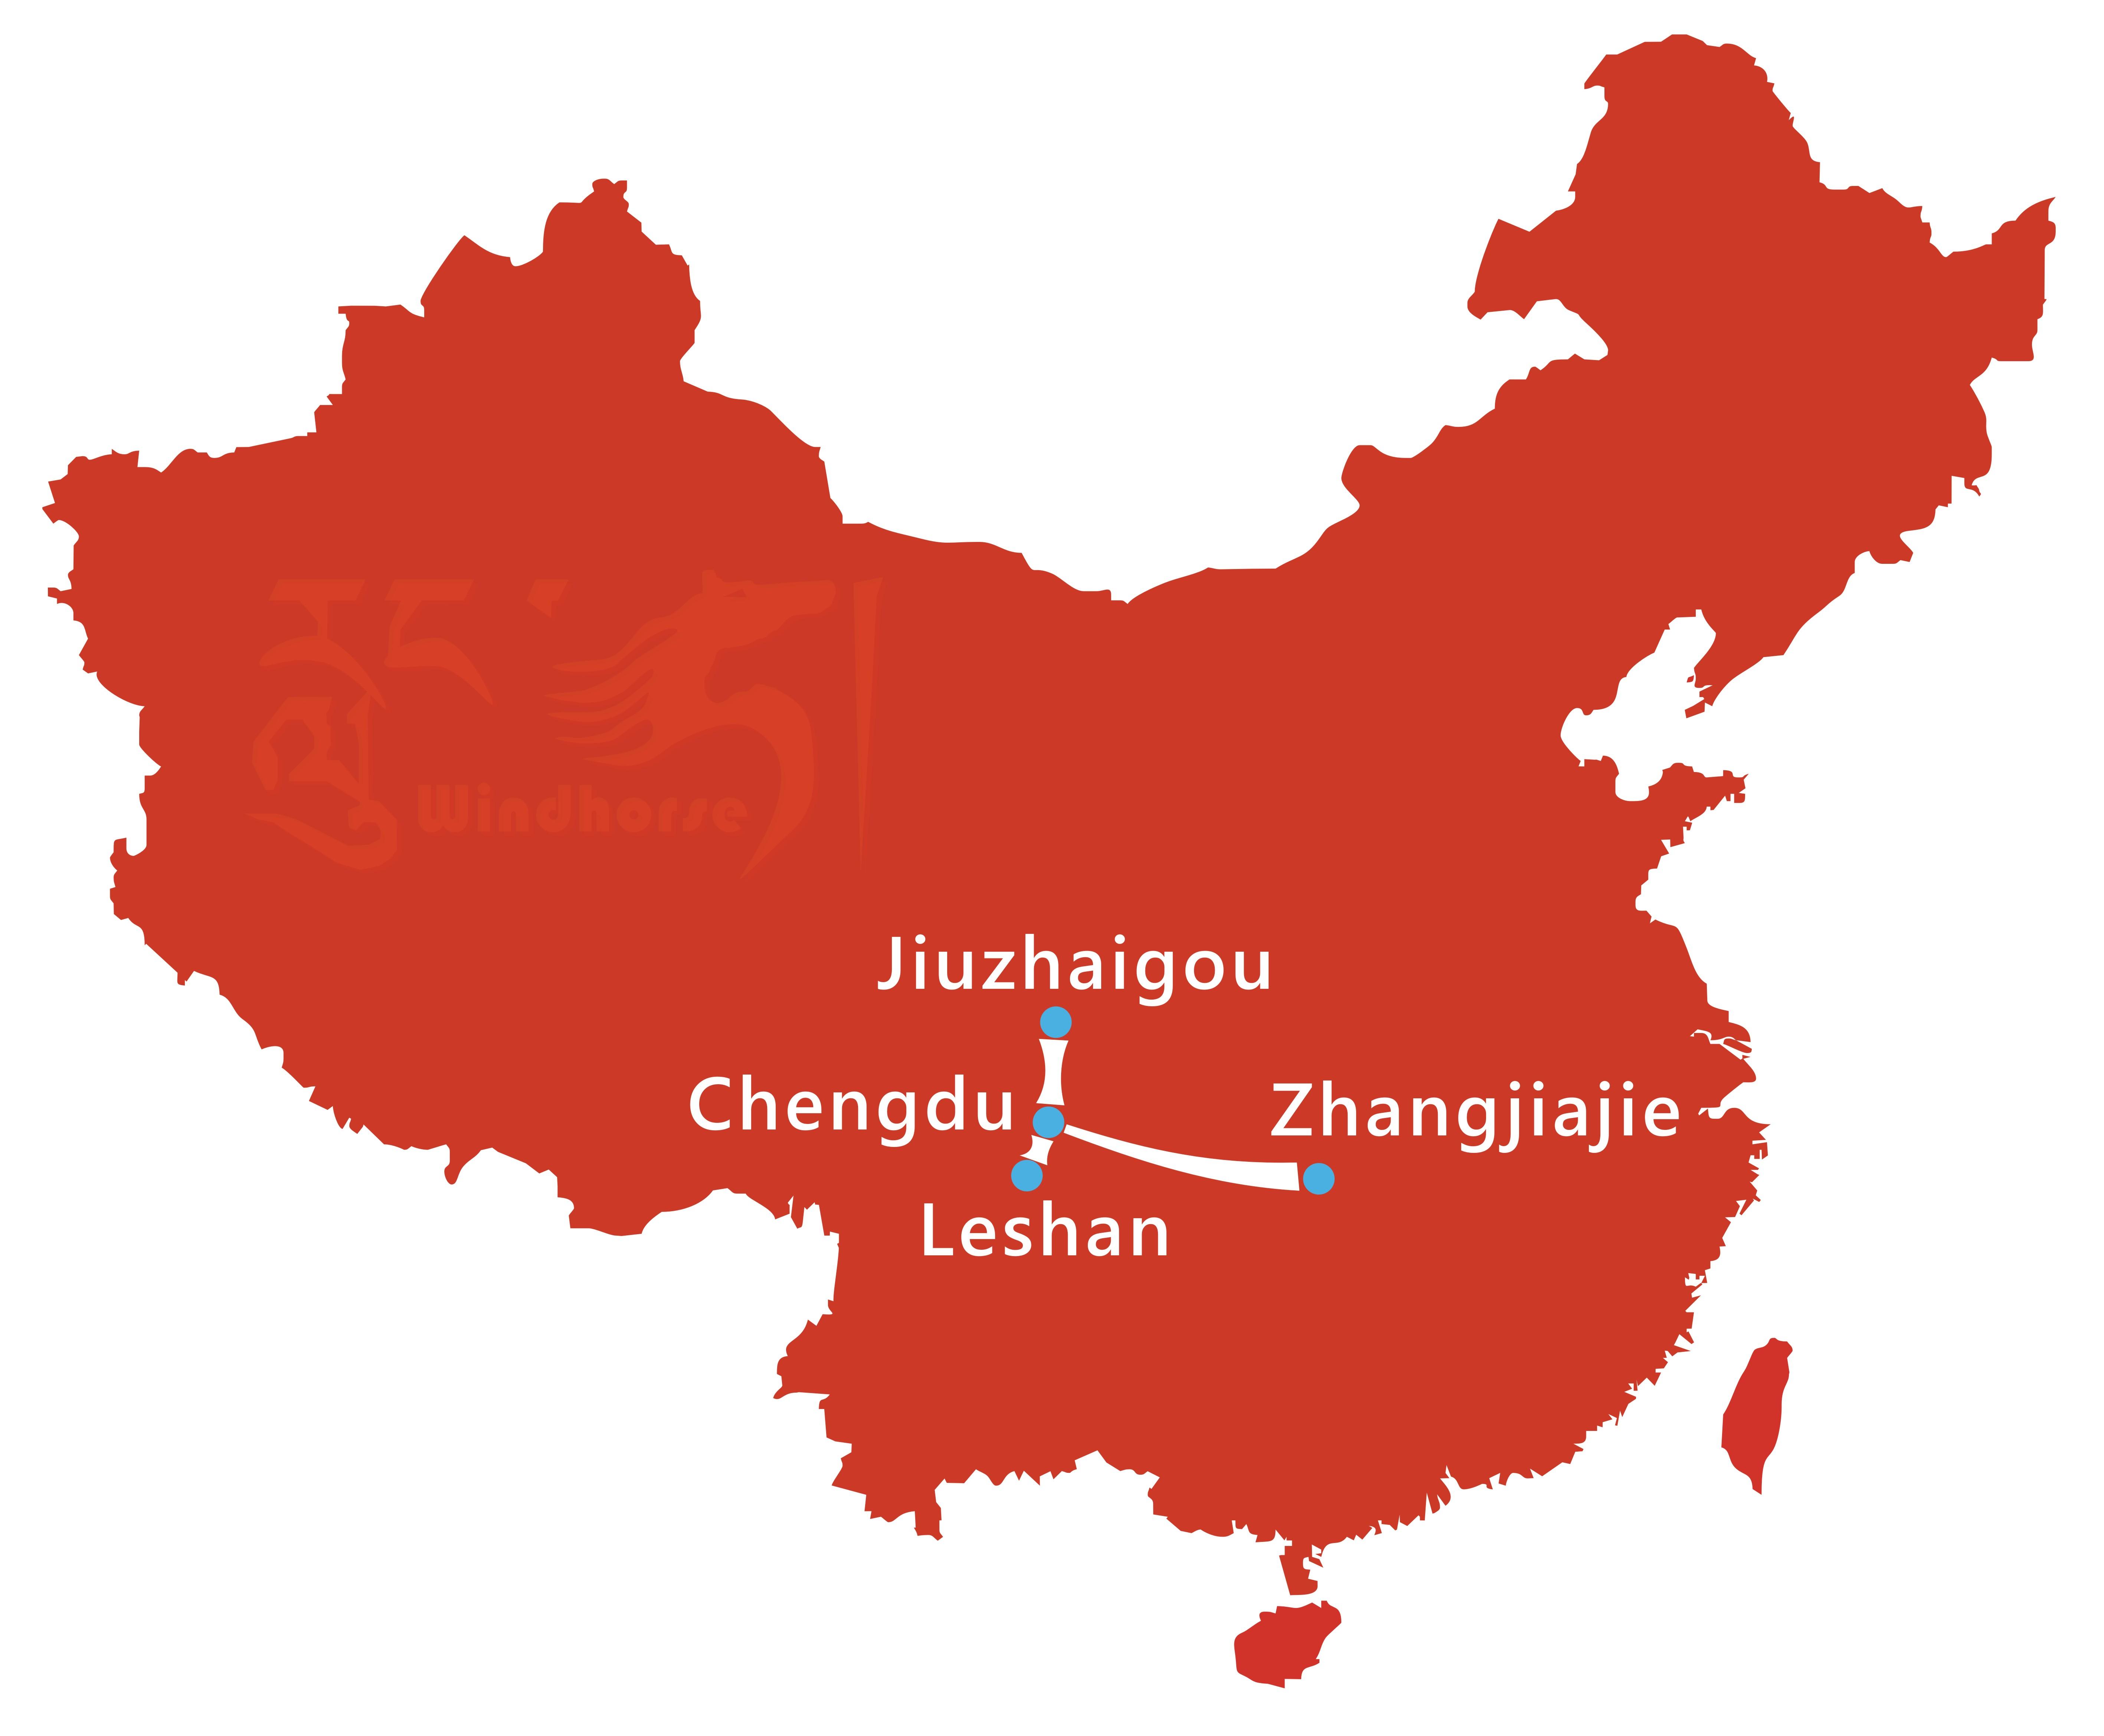 Jiuzhaigou Zhangjiajie Tour Route